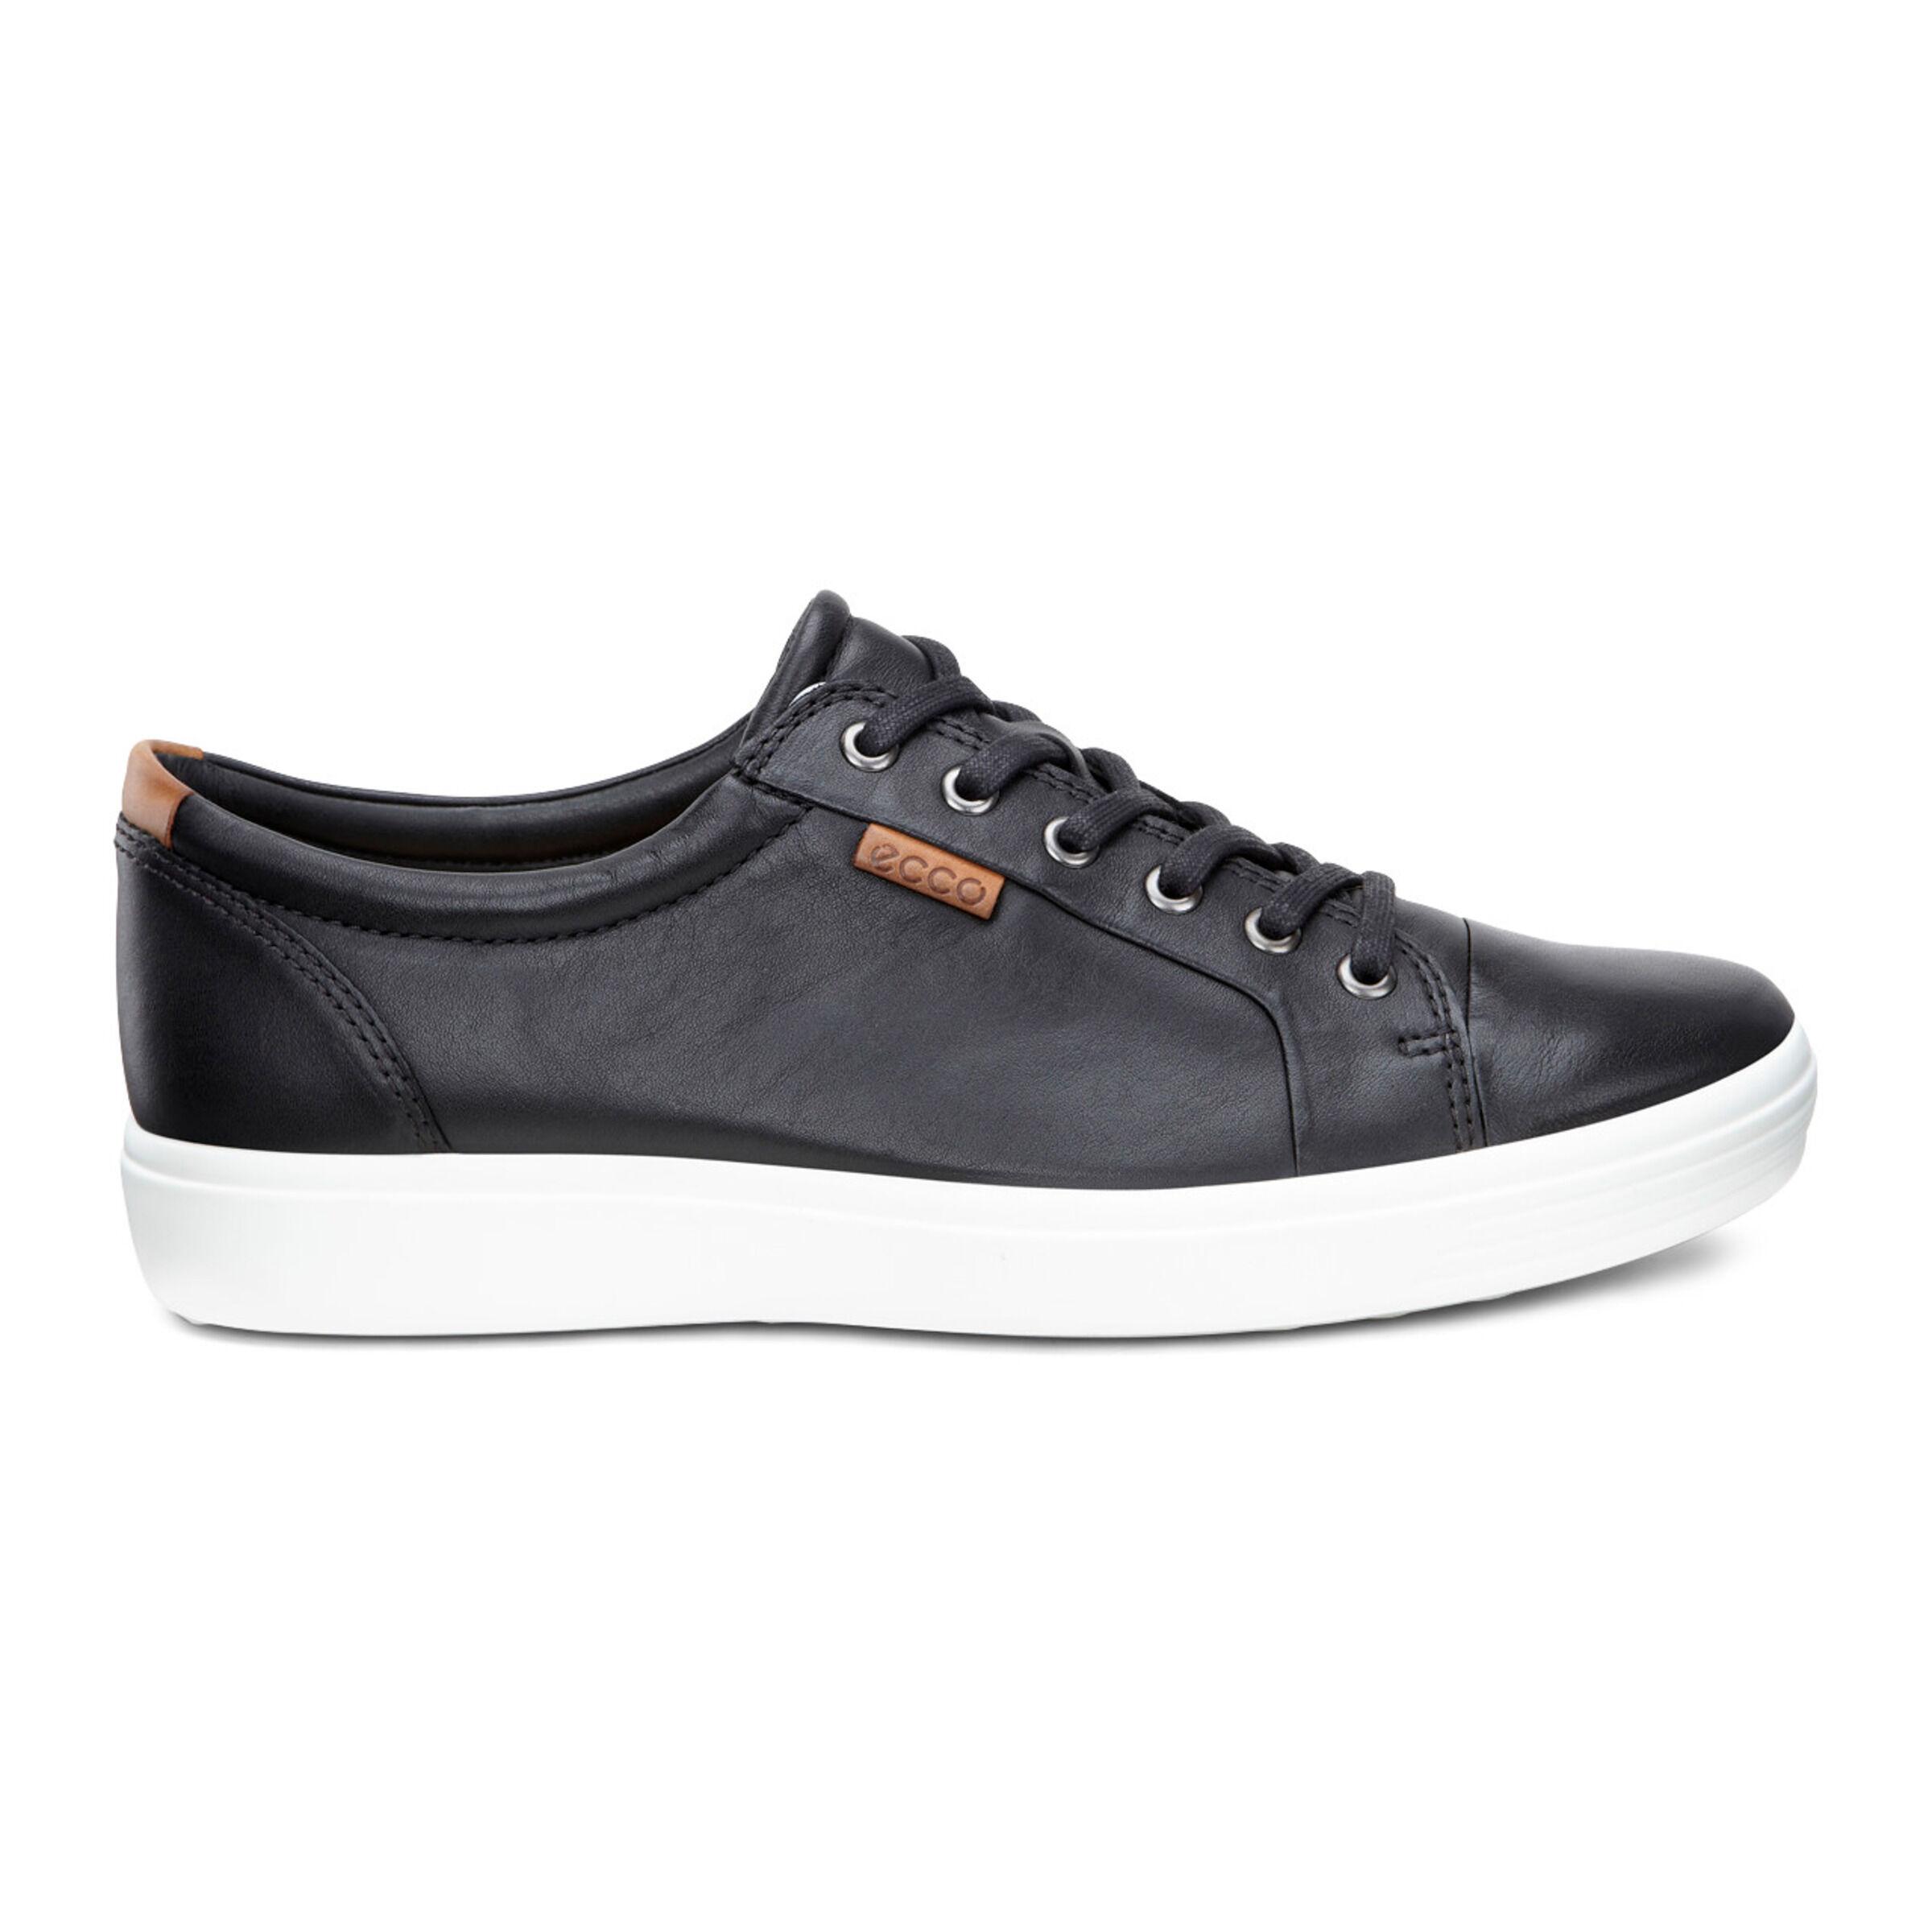 에코 ECCO Soft 7 Mens Sneakers,black